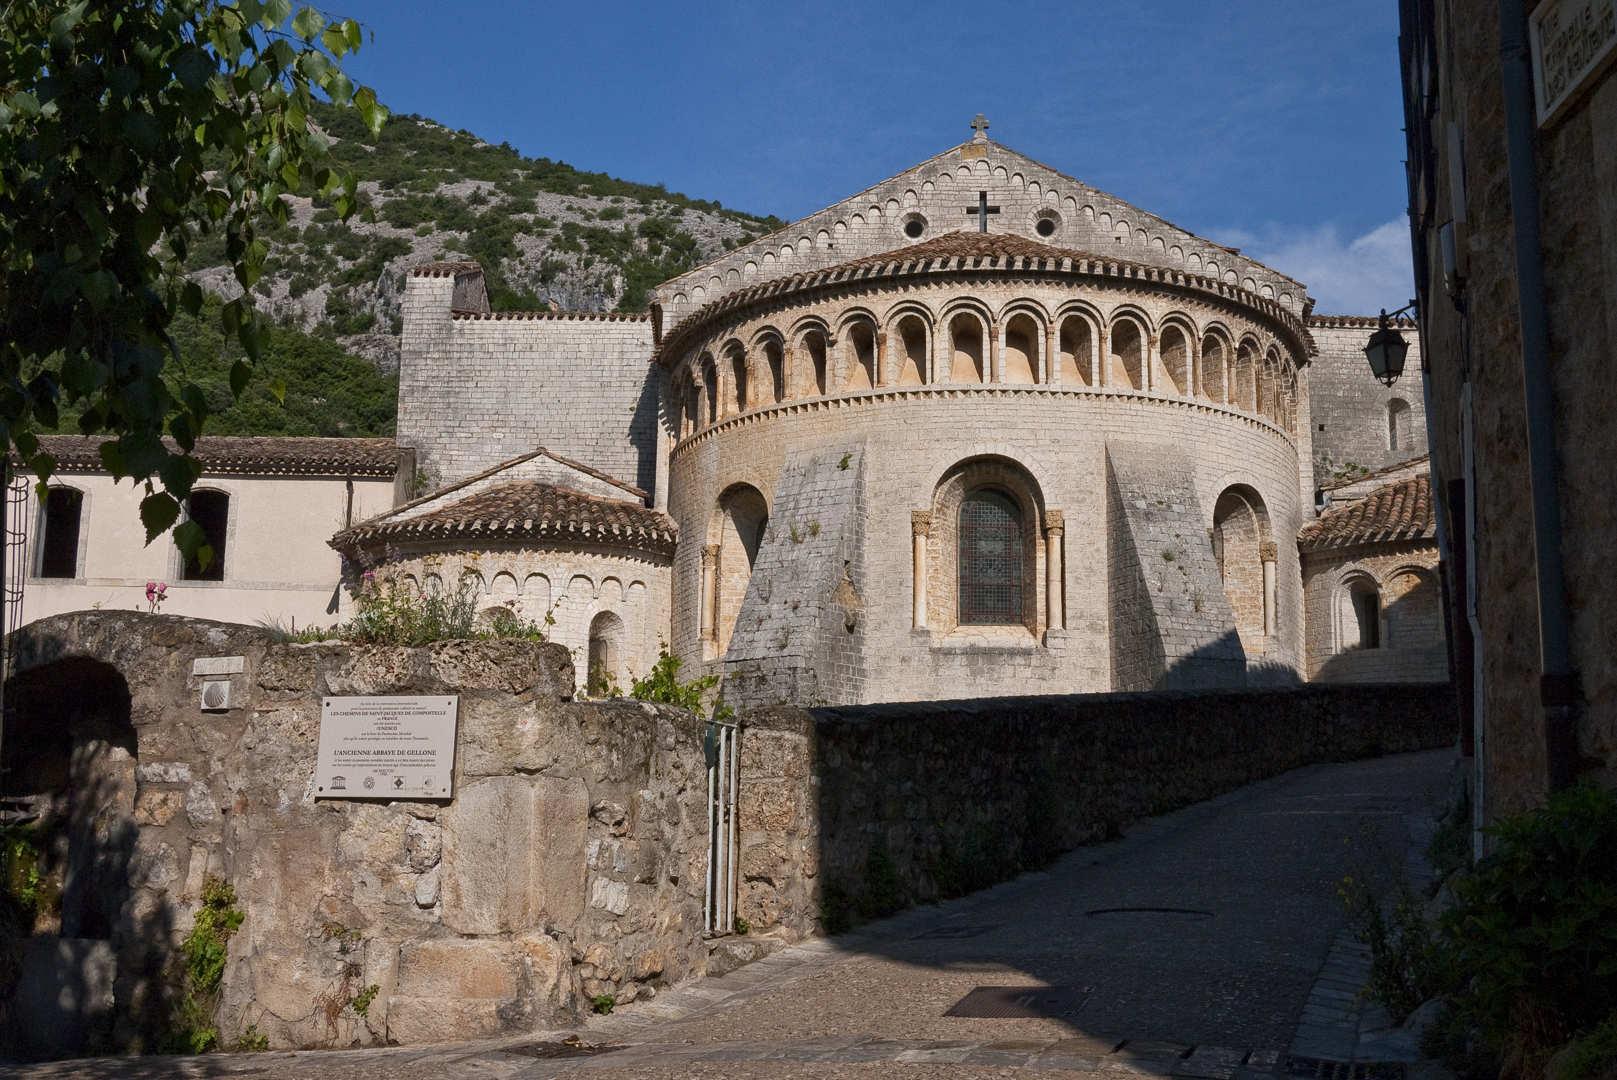 Saint-Guilhem-le-Désert (Hérault, 34)